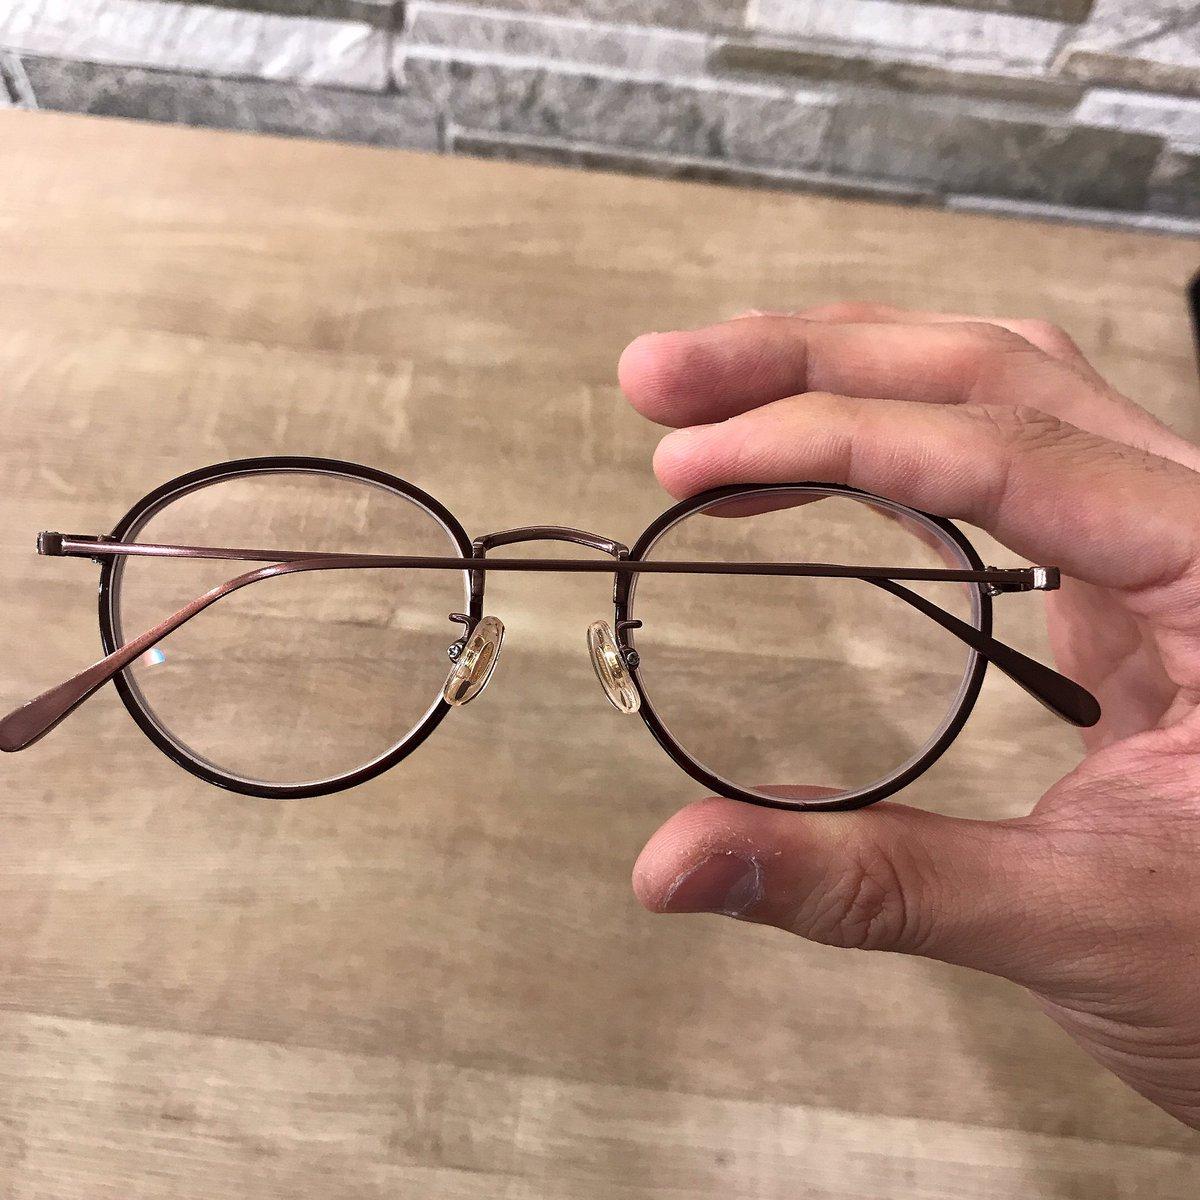 眼鏡 近く 屋 の